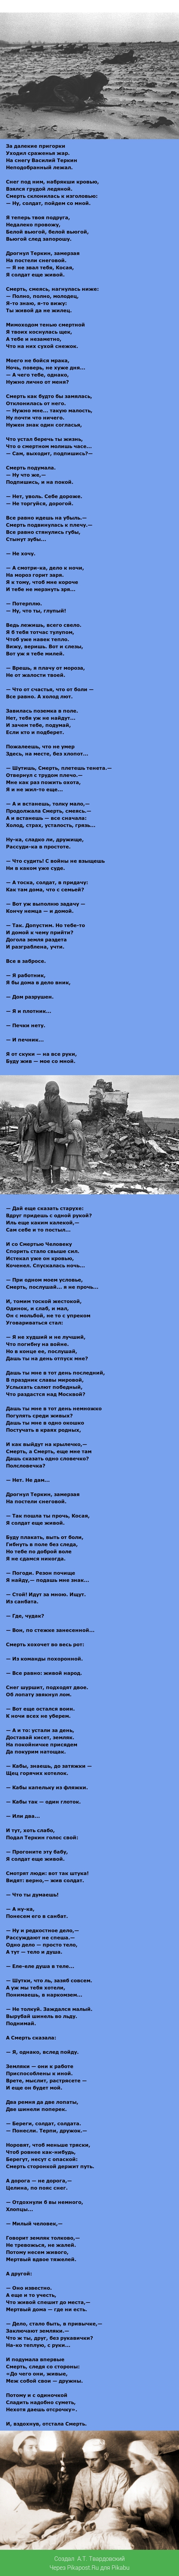 Василий Теркин:  Смерть и воин Твардовский, Василий Теркин, история, длиннопост, стихи